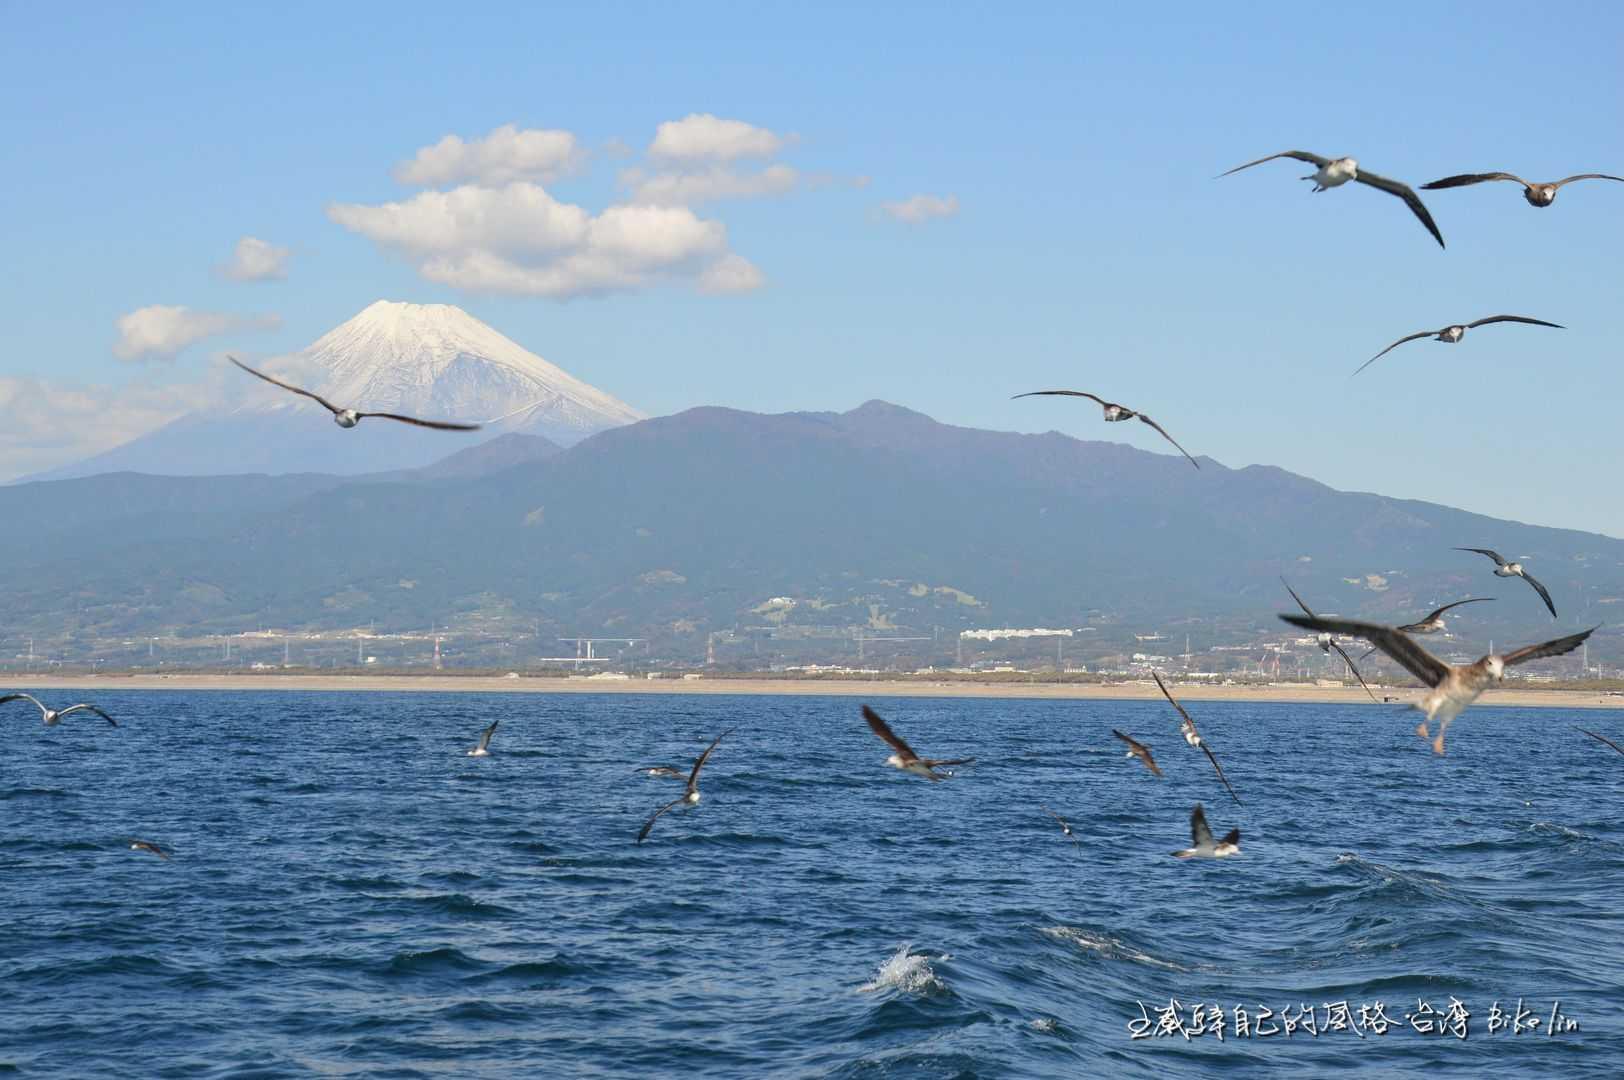 日本靜岡Cycling的決心